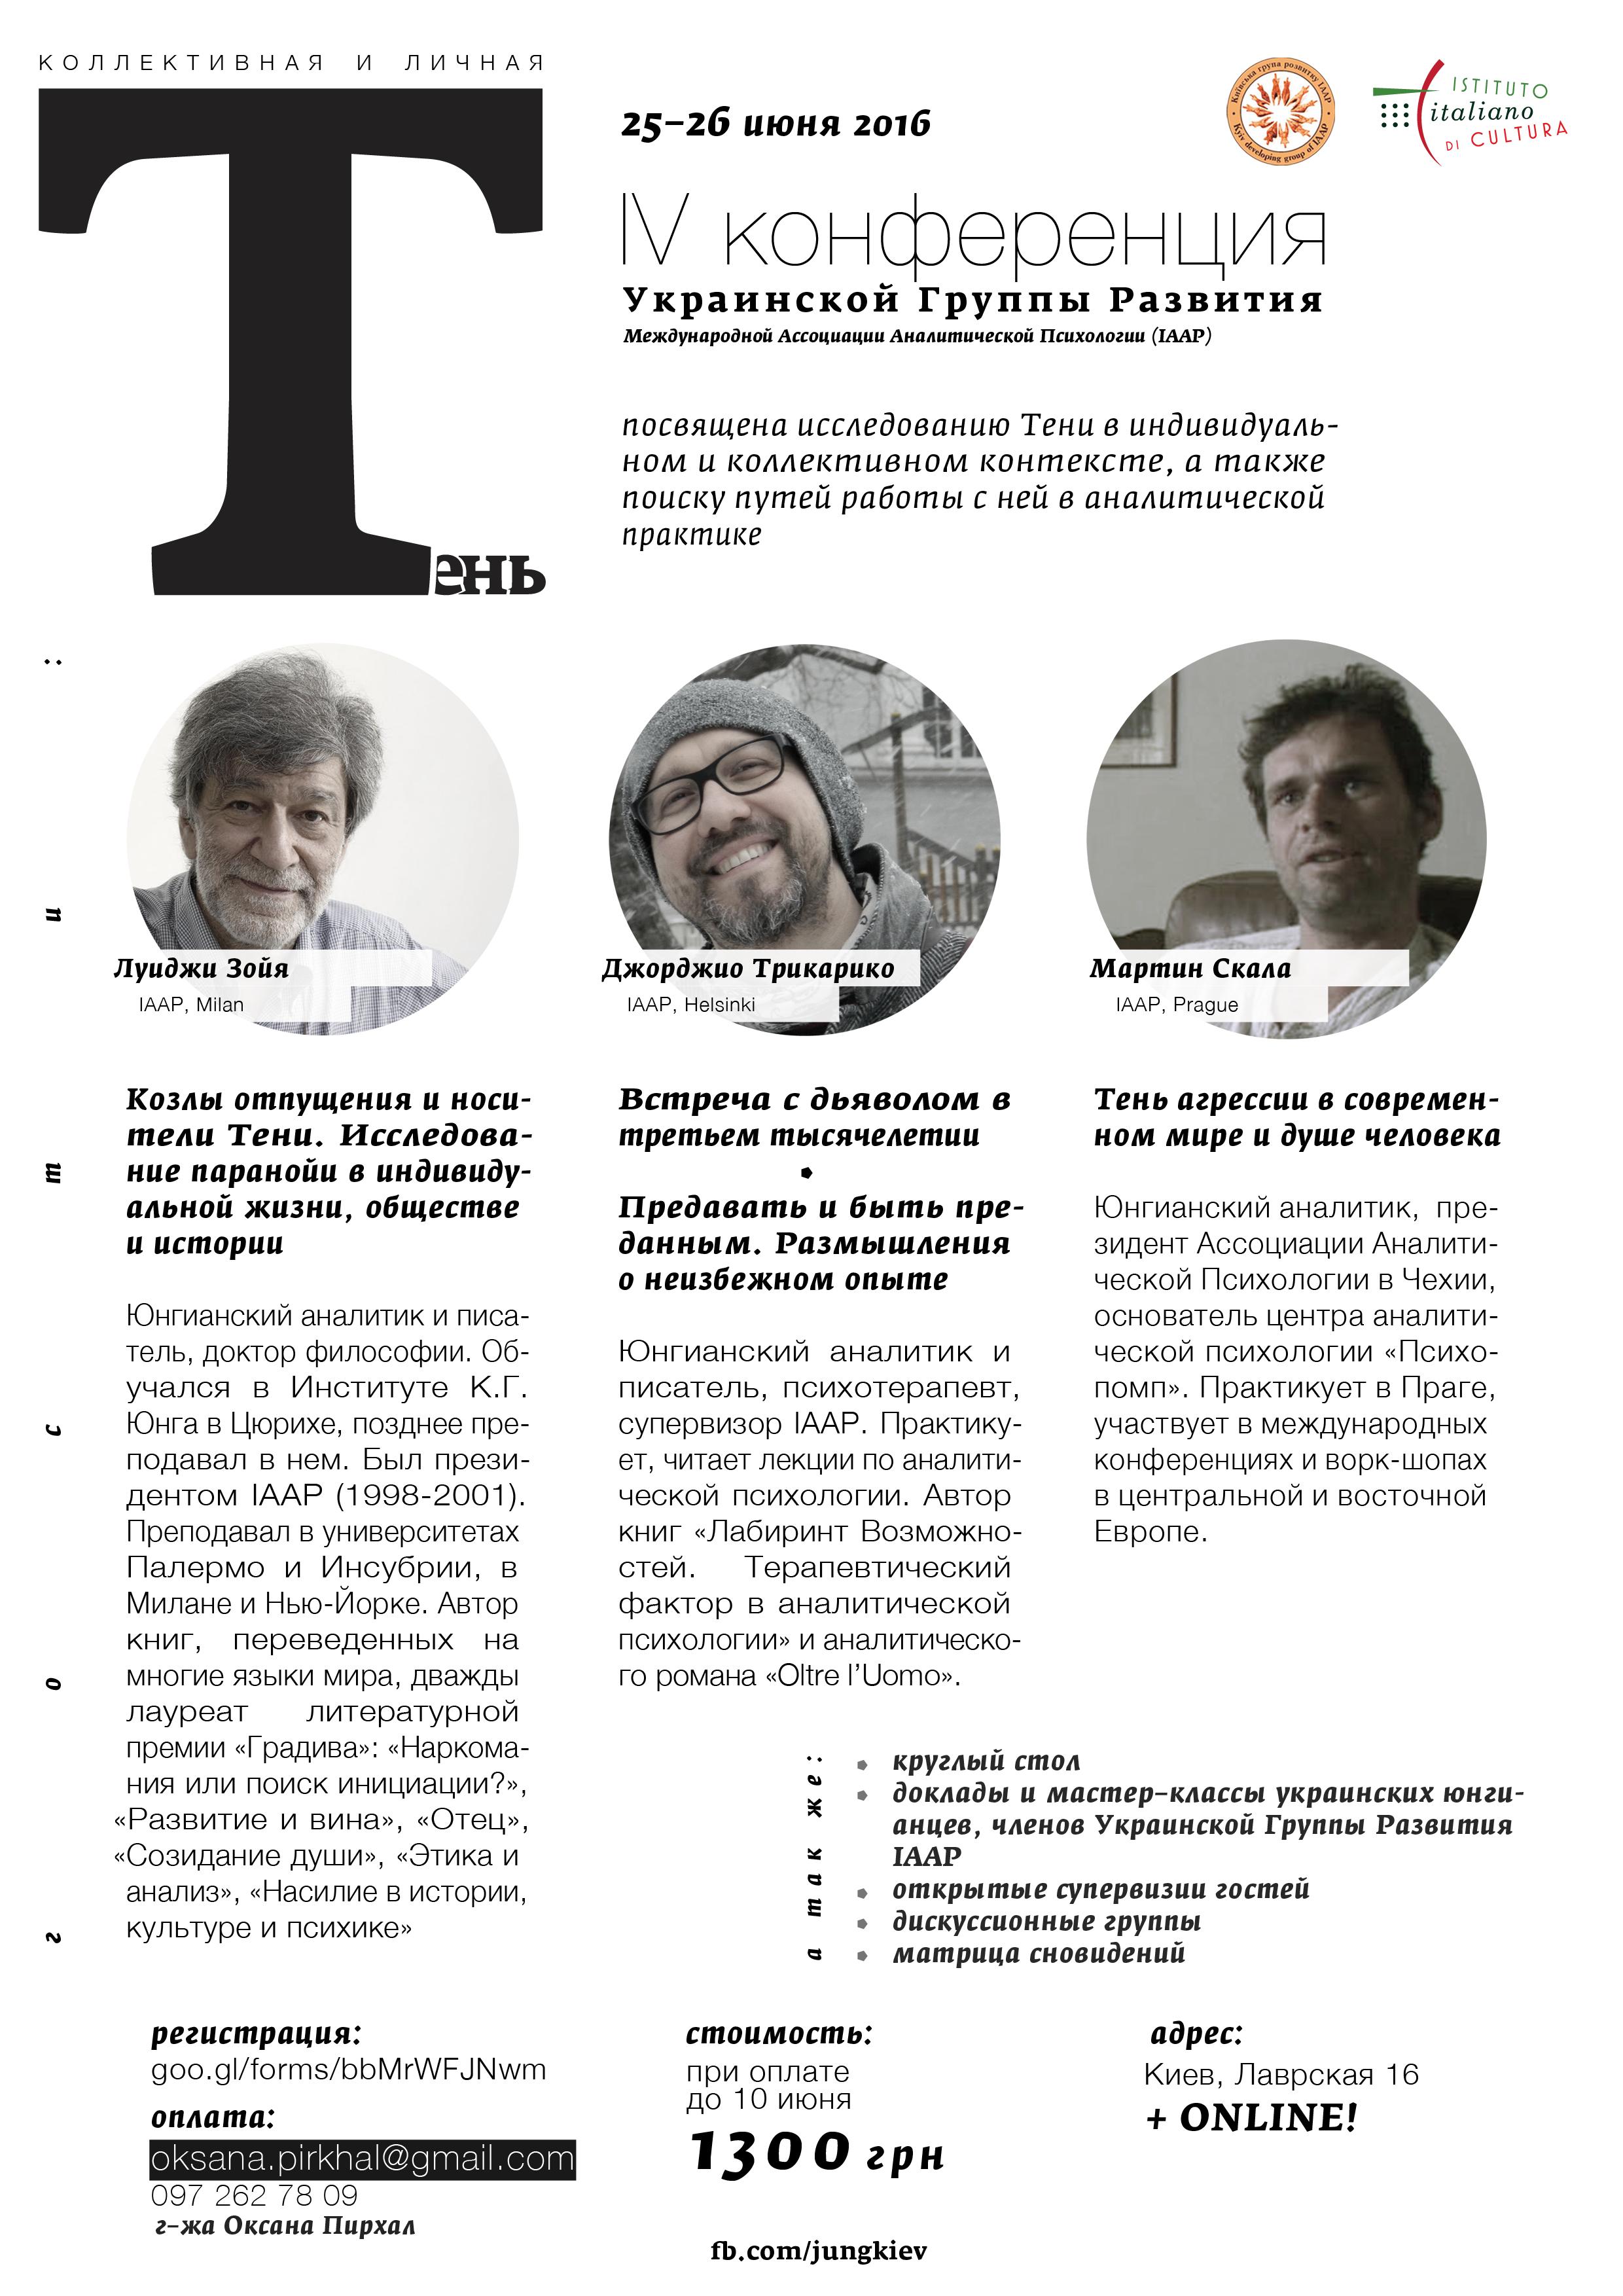 регистрация фоп в украине 2015 бланк